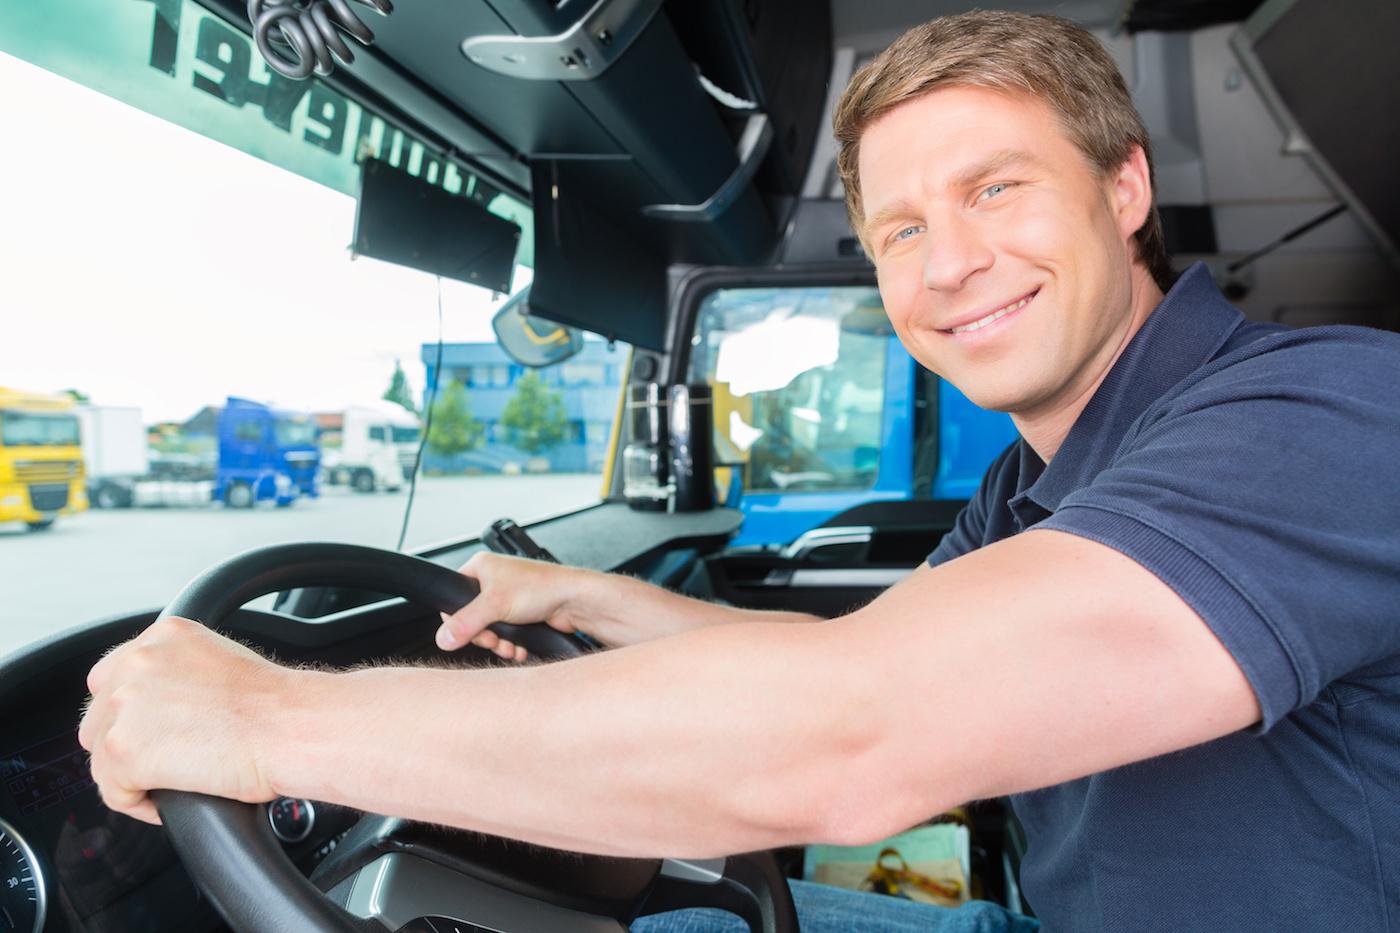 fleet-driver-in-truck